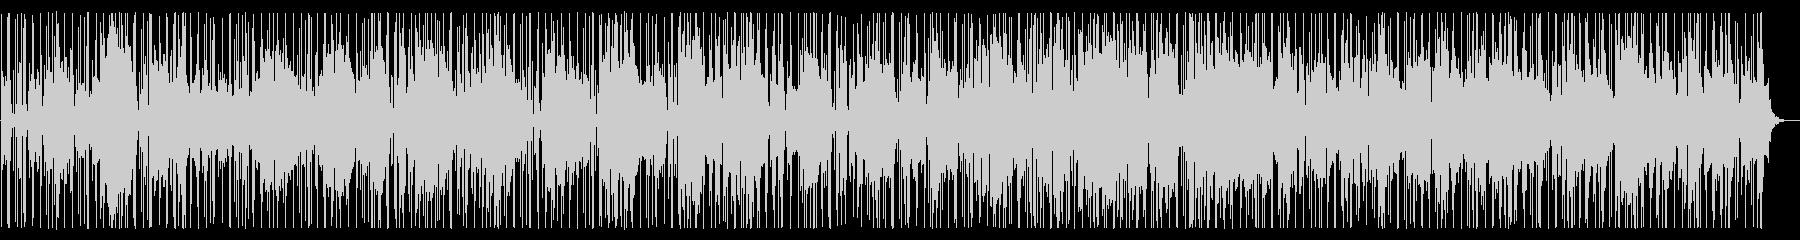 都会/R&B/生演奏_No452_1の未再生の波形